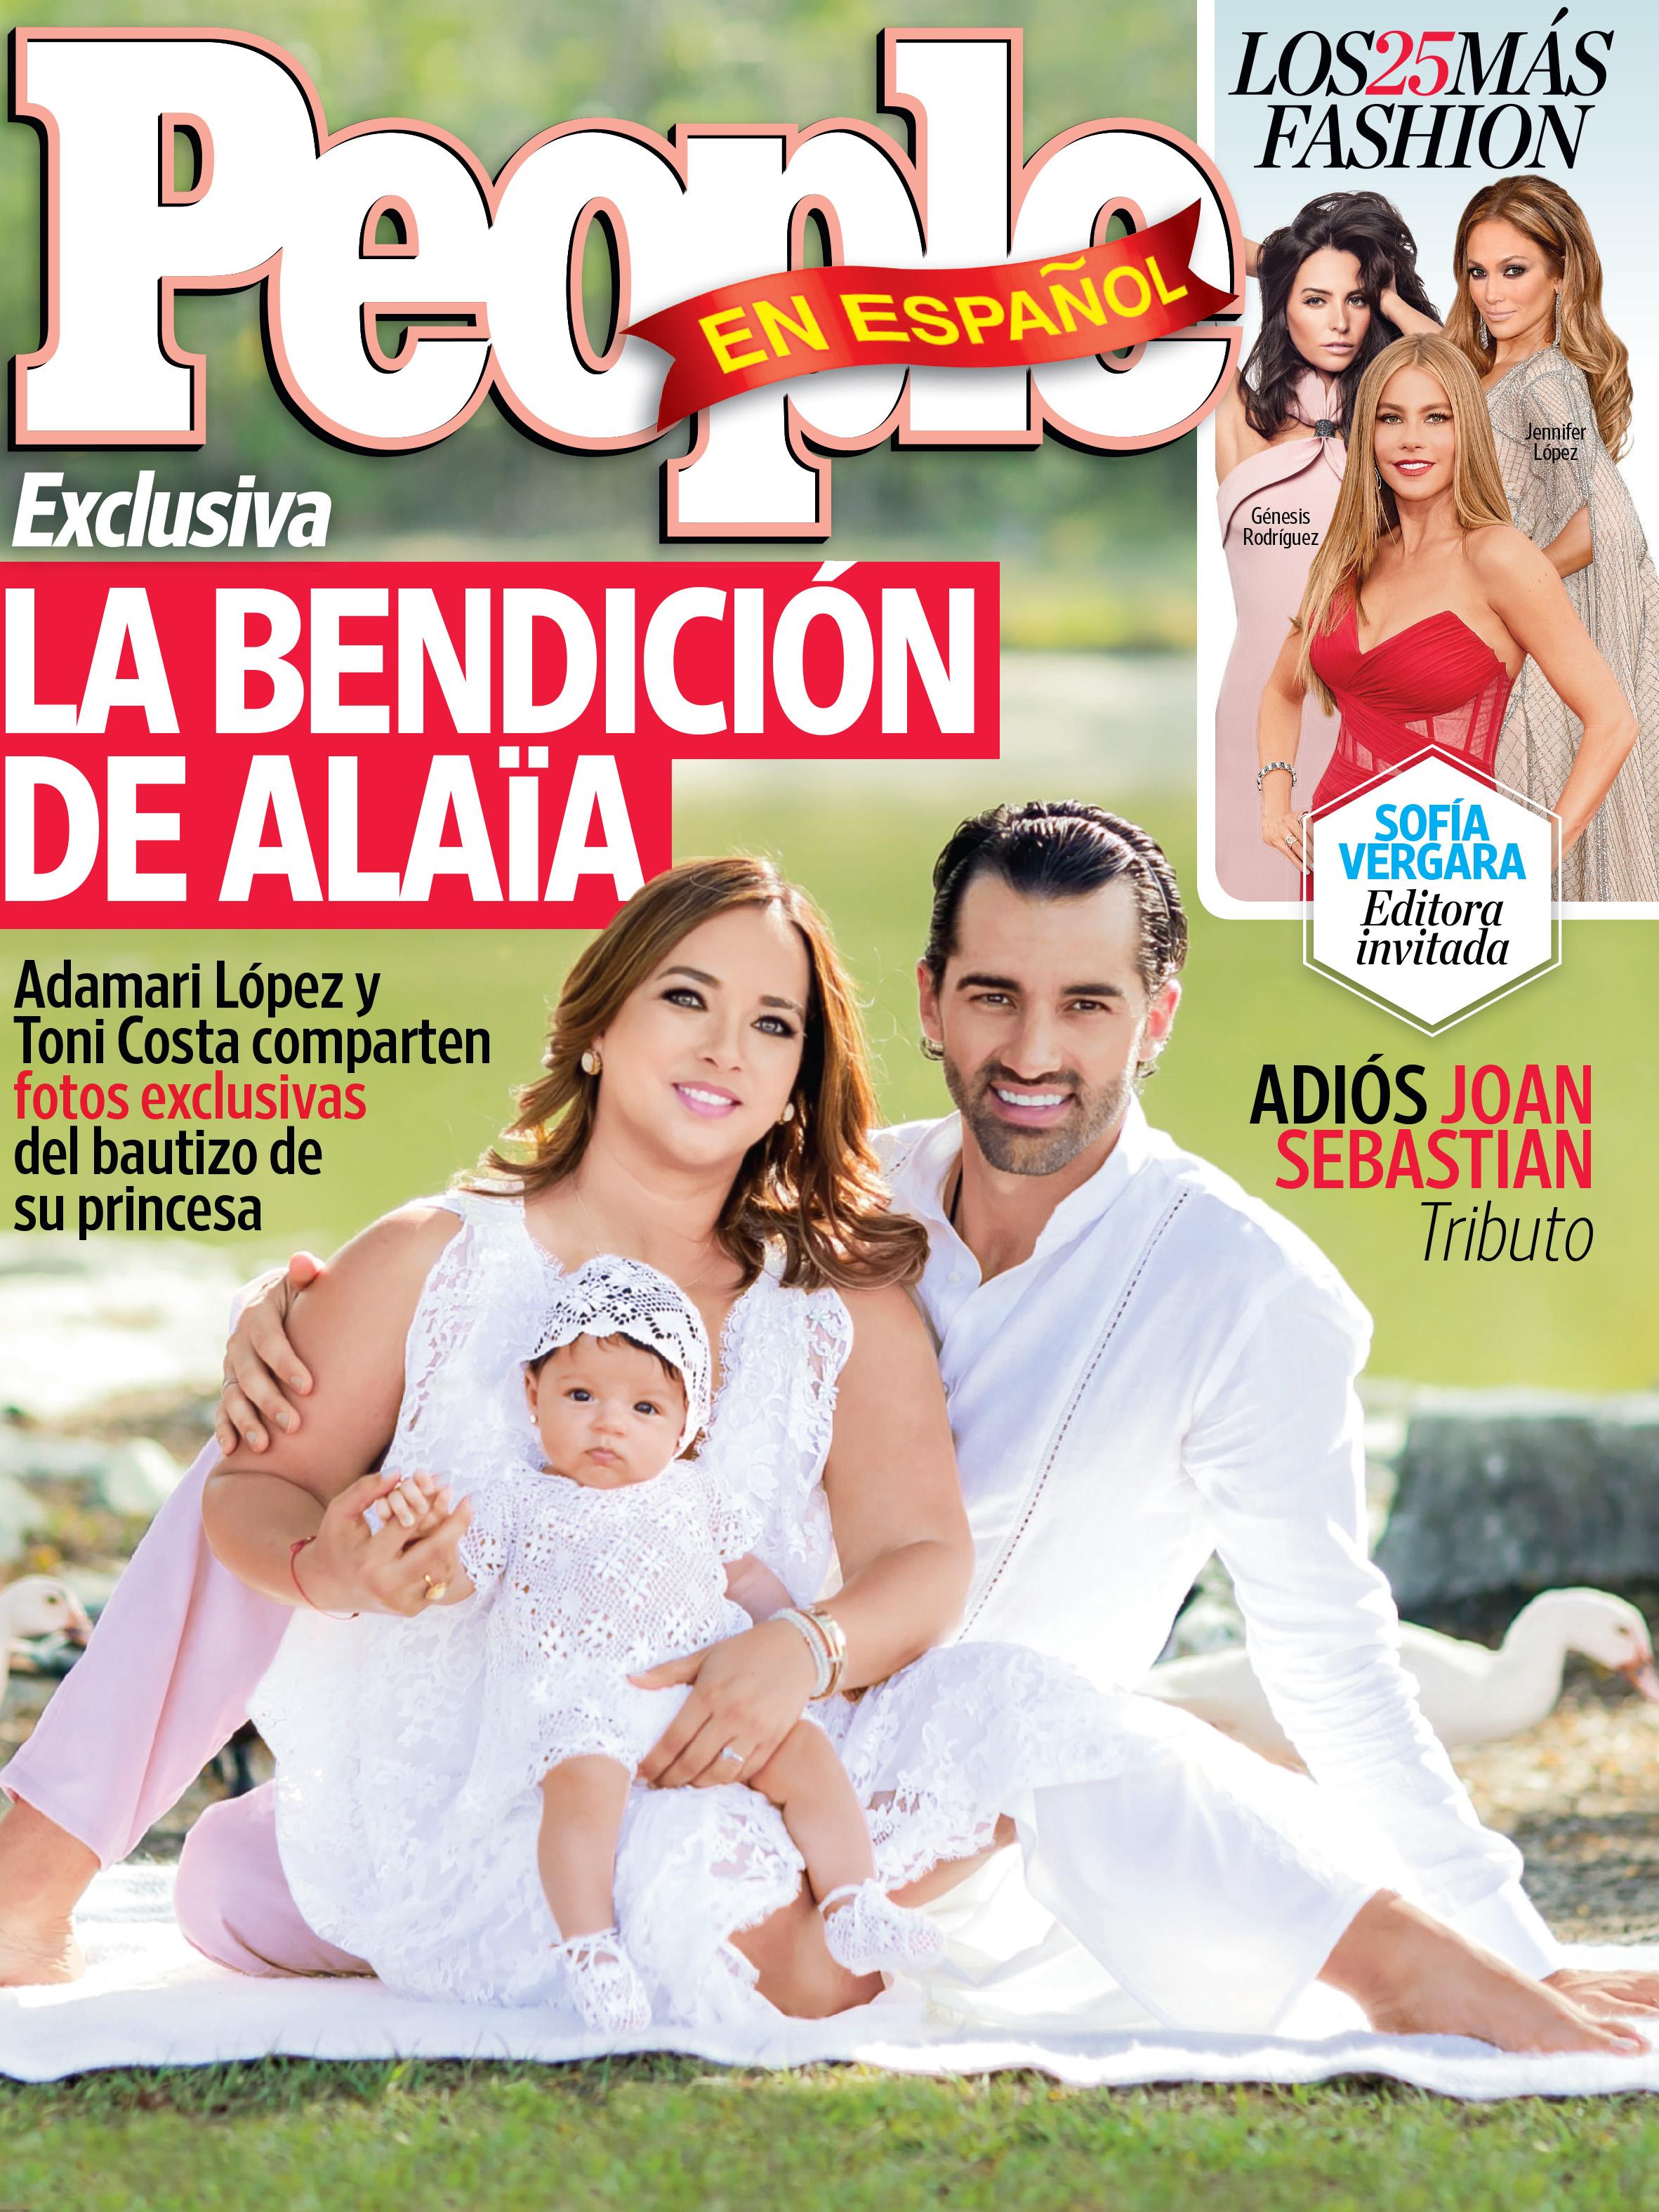 Adamari Lopez, Toni Costa y Alaia